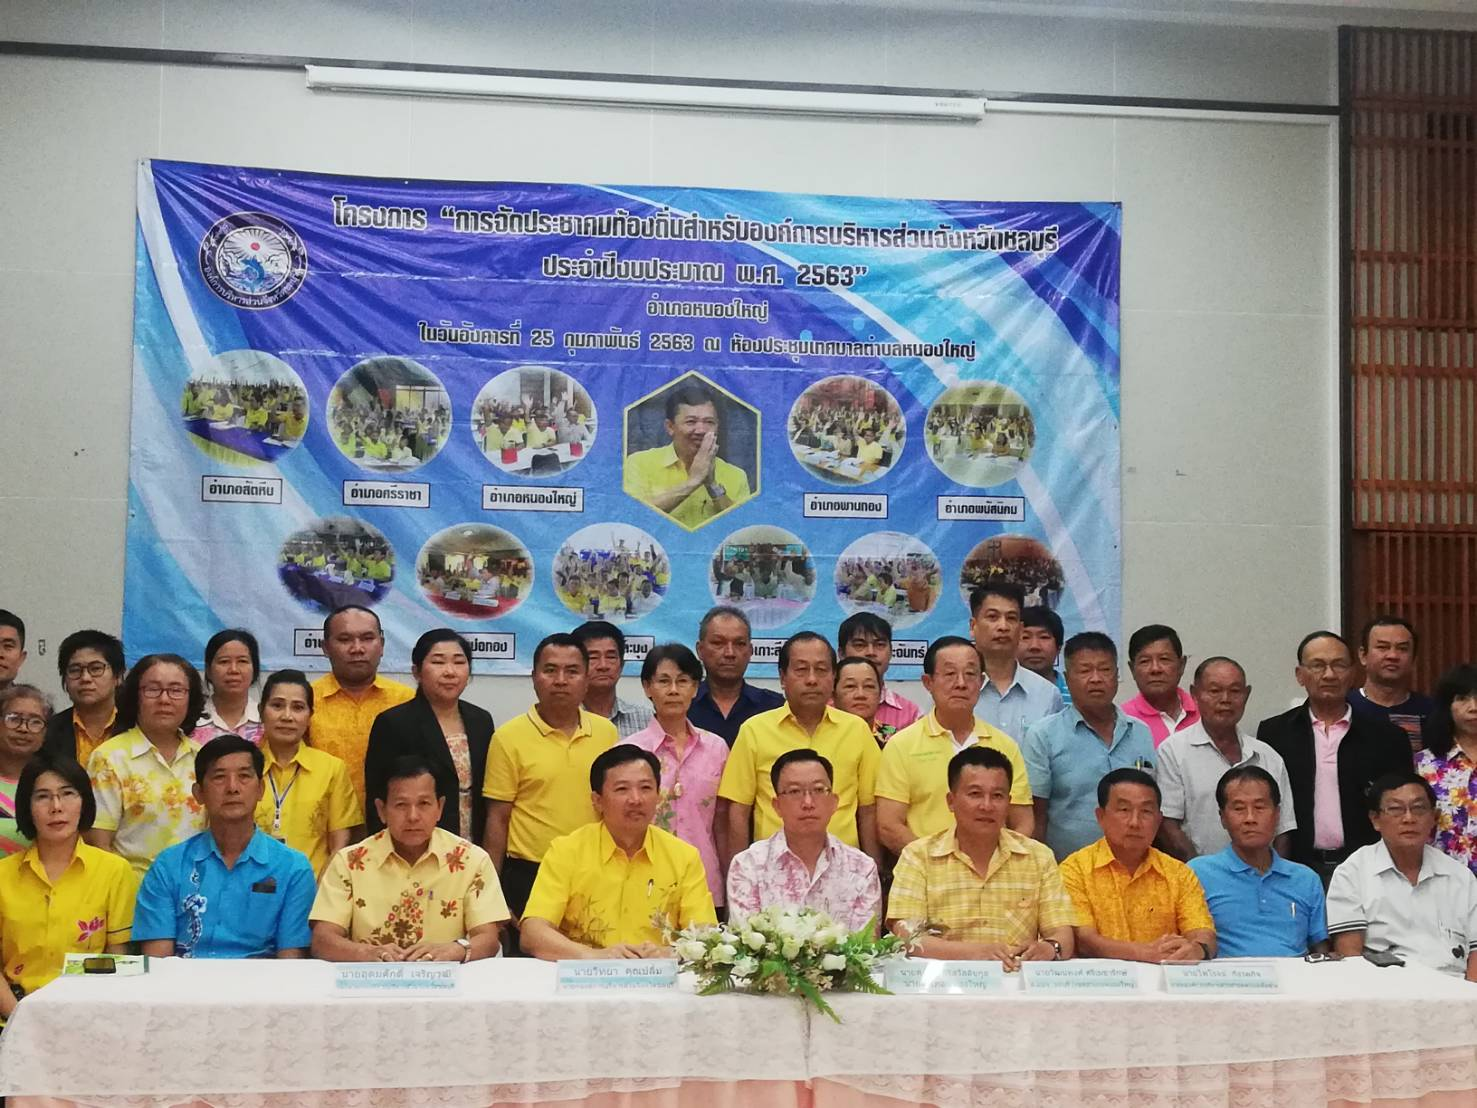 กปภ.สาขาบ้านบึง ร่วมประชุมโครงการ ประชาคมท้องถิ่น อบจ.ชลบุรี ปีงบประมาณ 2563